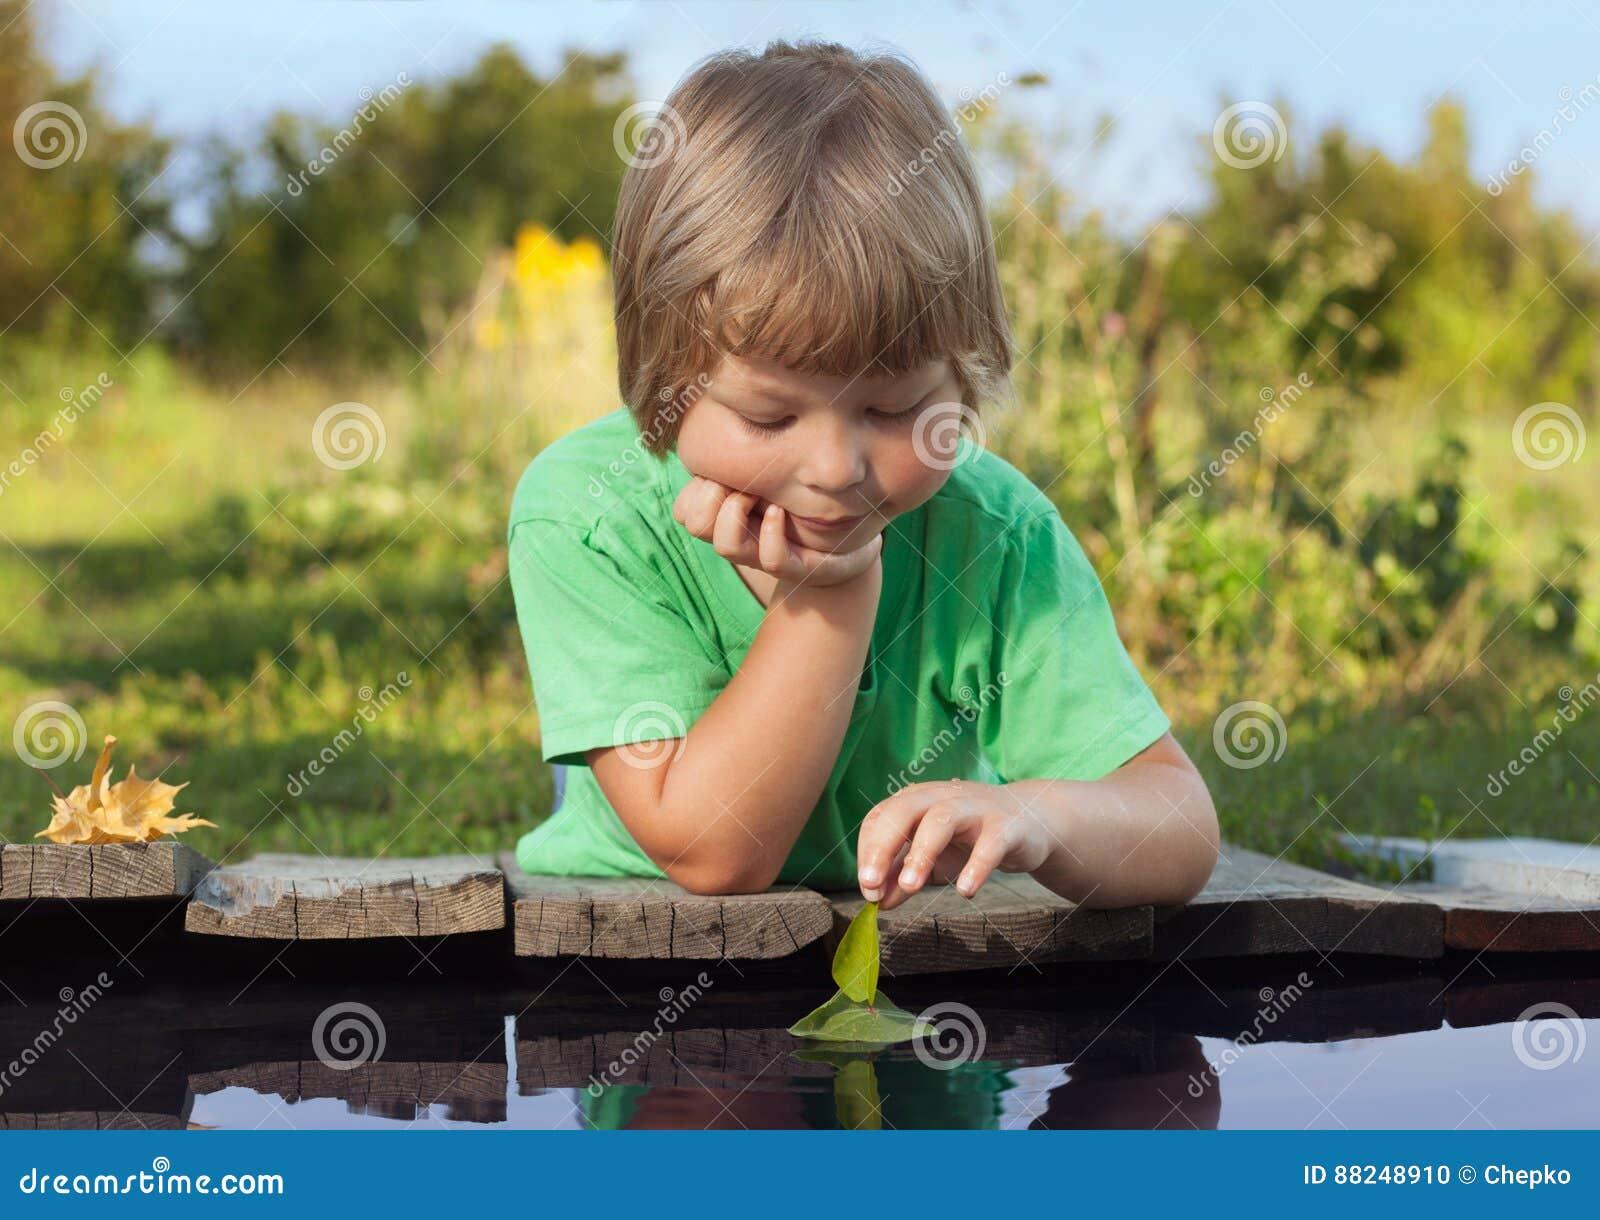 Зеленый лист-корабль в руке детей в воде, мальчике в игре парка с